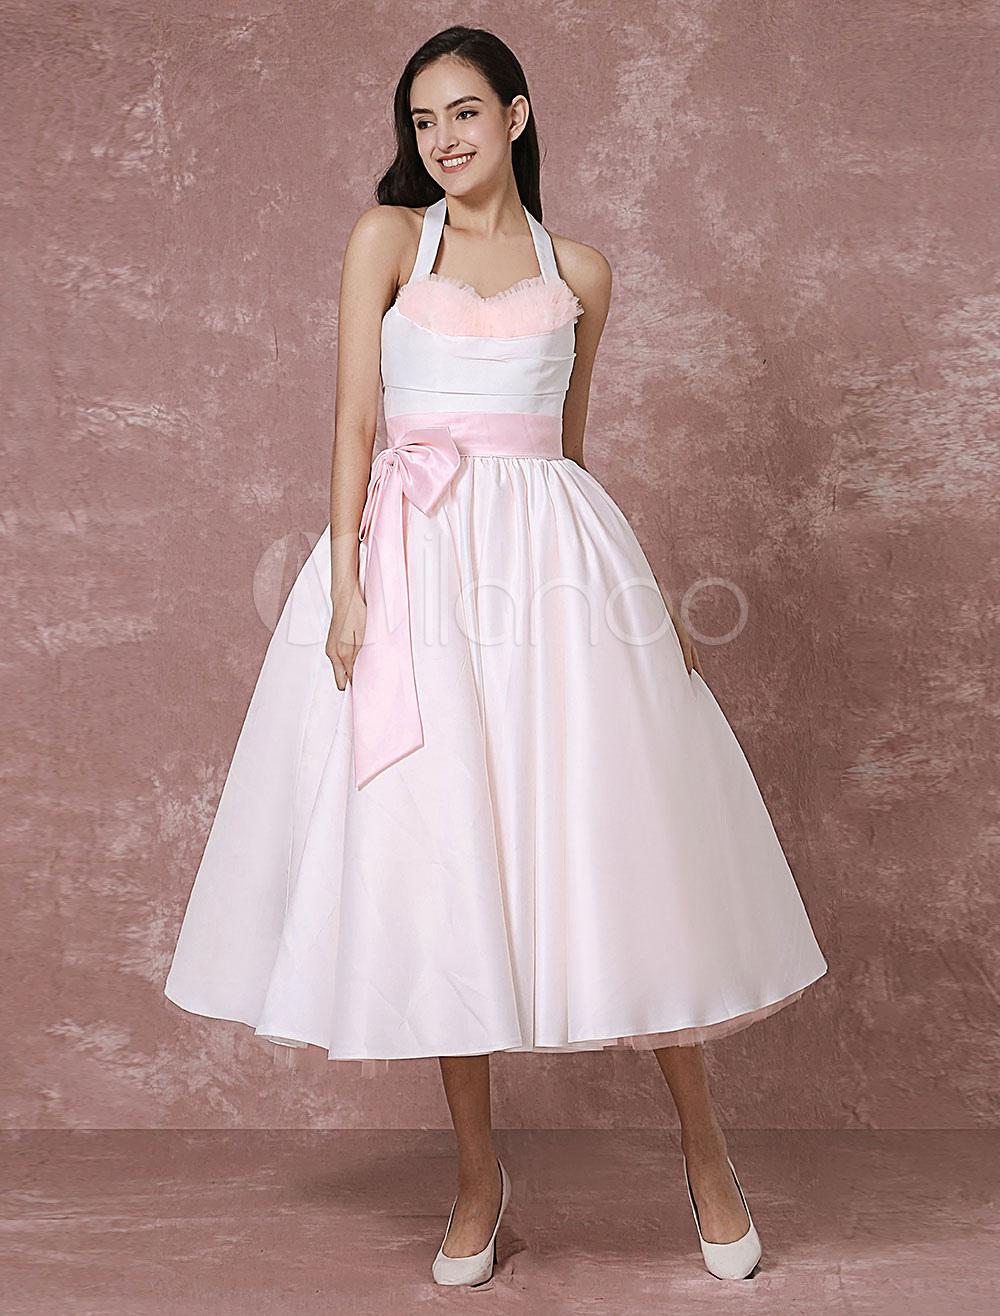 vintage wedding dress pink tulle short bridal gown halter satin ribbon sash ball gown tea length. Black Bedroom Furniture Sets. Home Design Ideas